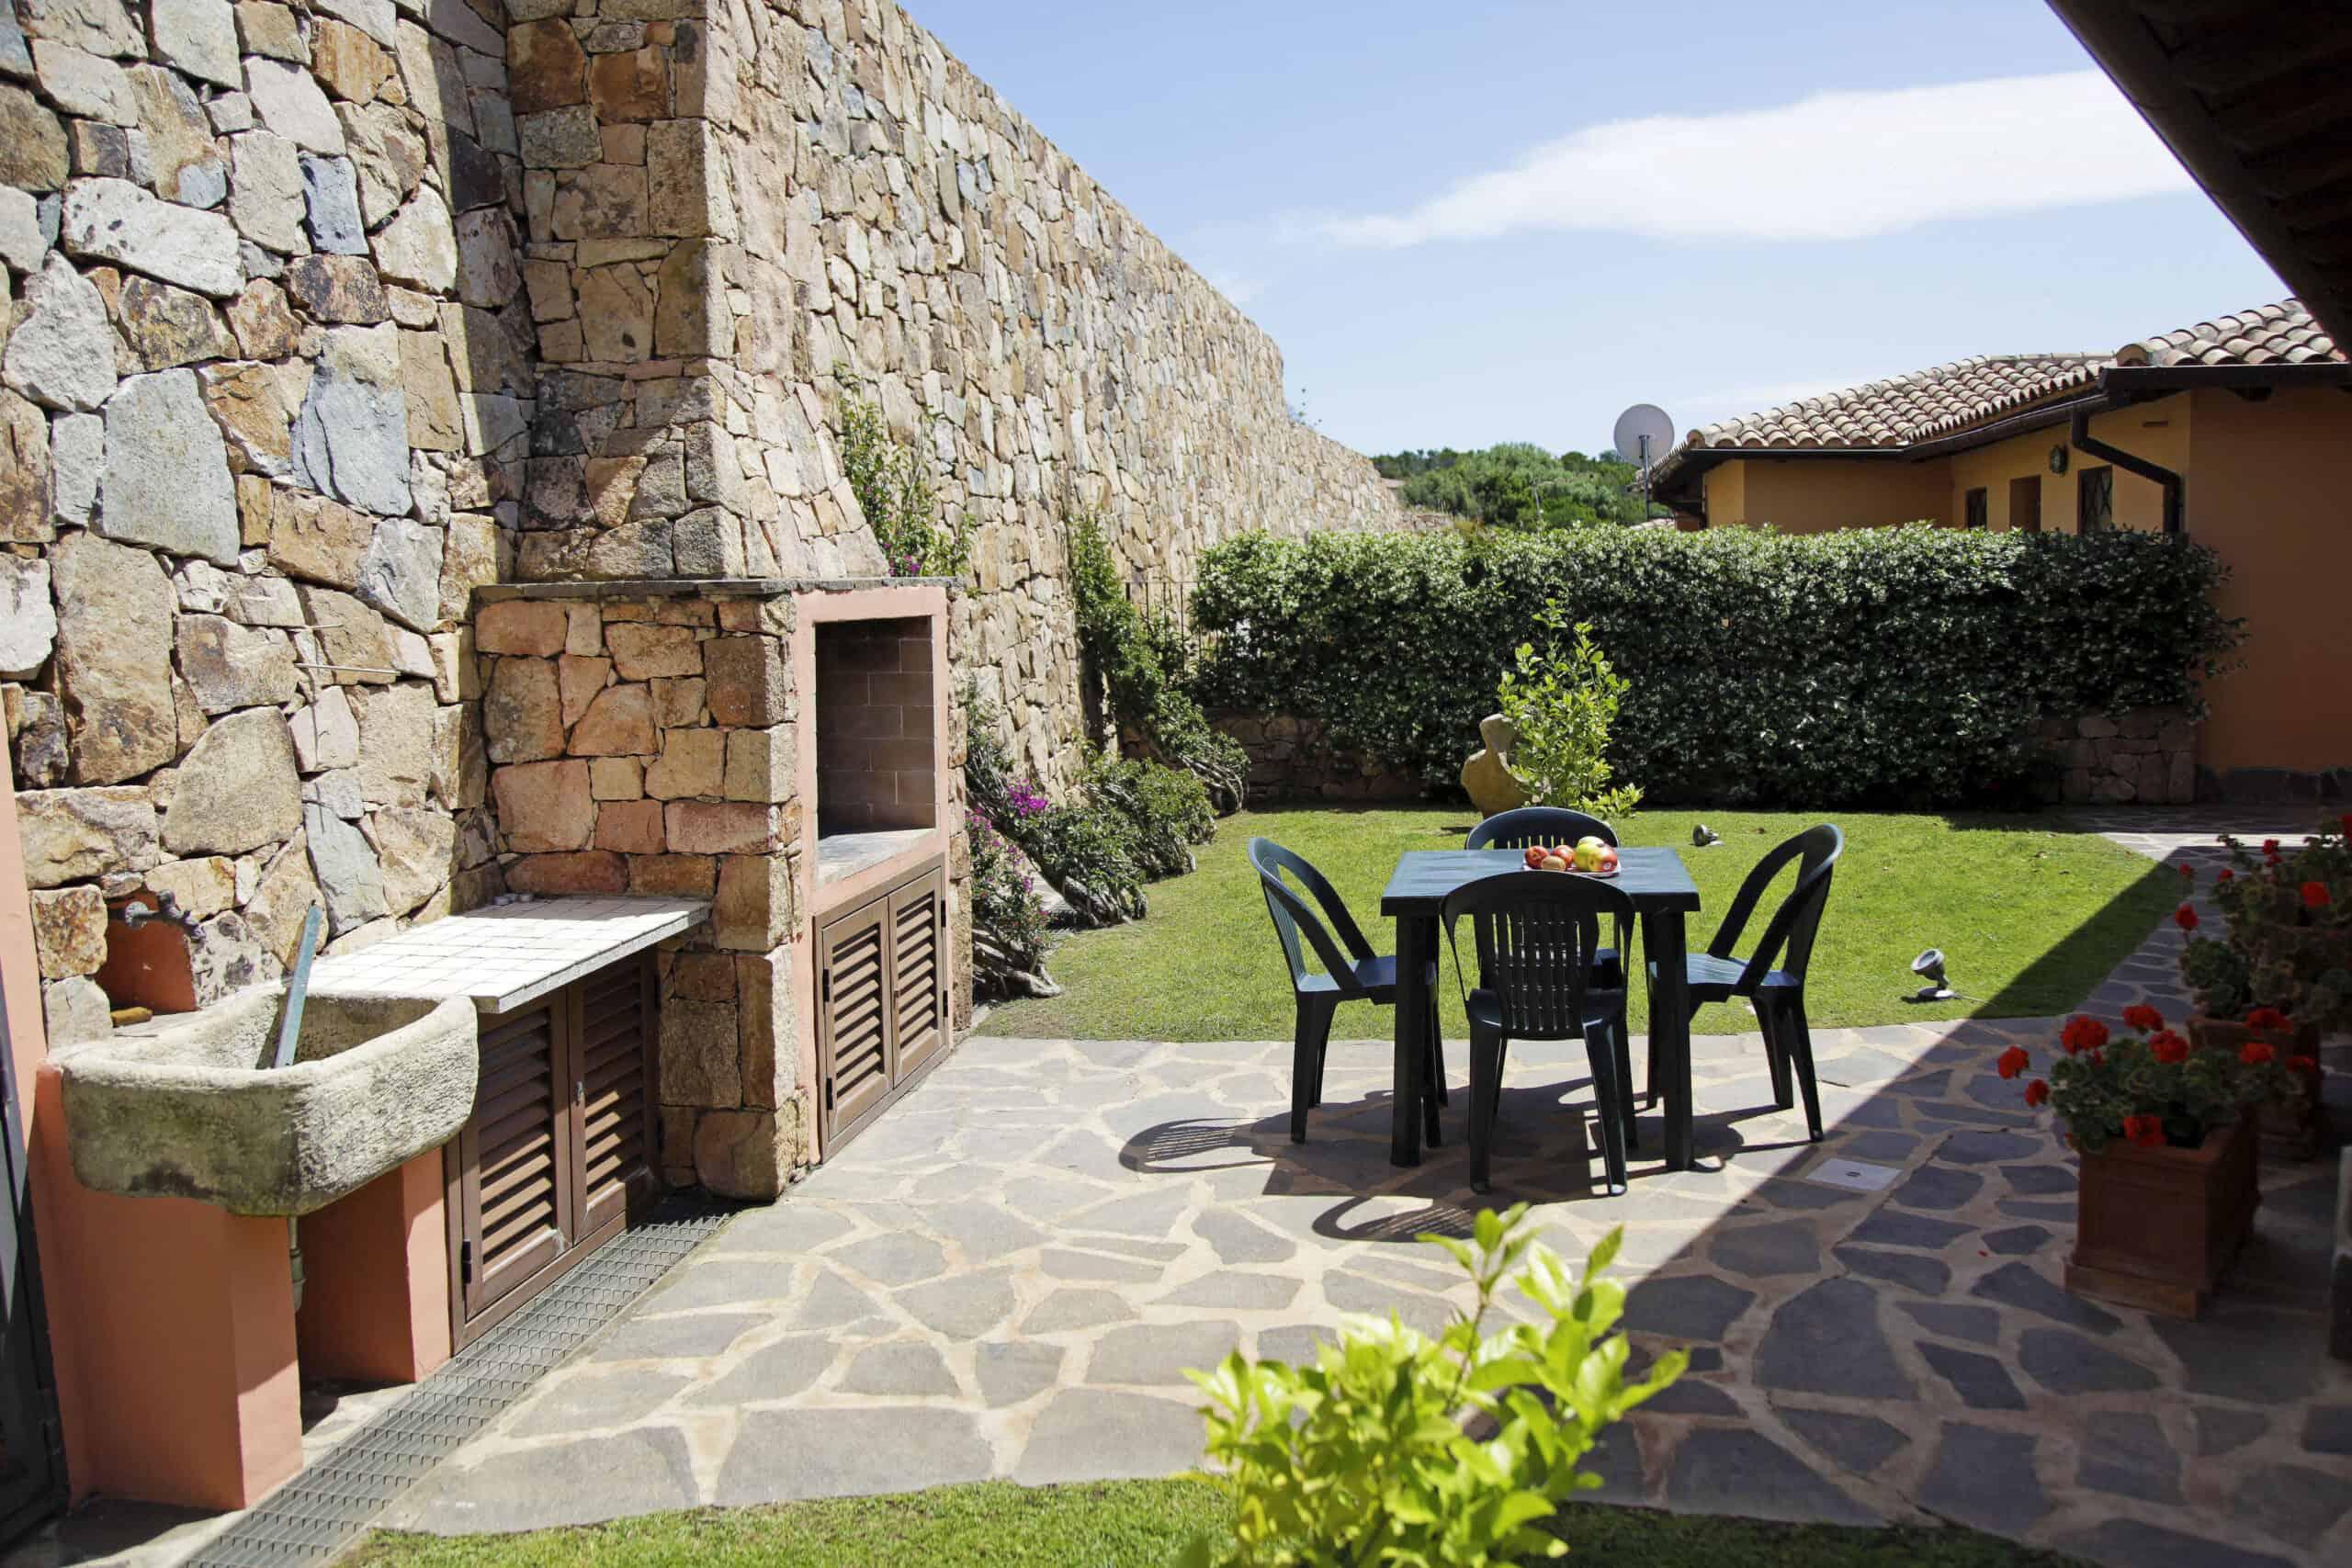 Holiday Villa For Rent In Capo Coda Cavallo Sardinia Ref. Boungaville